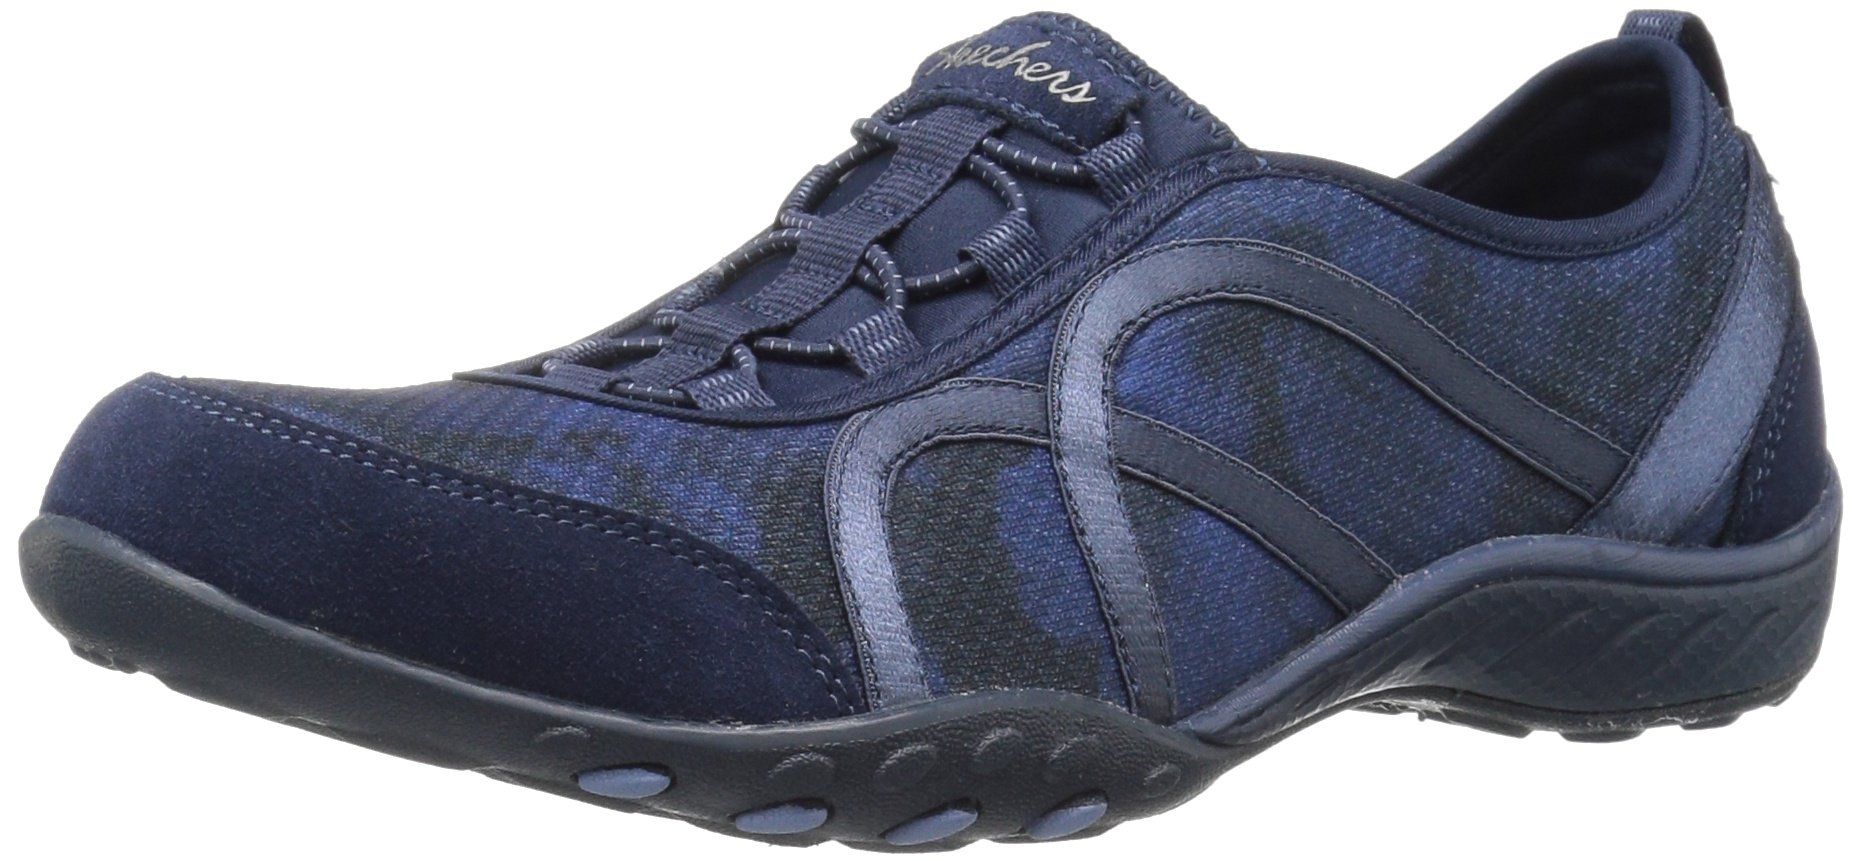 Skechers Sport Women's Breathe Easy Artful Fashion Sneaker, Navy Mesh/Suede, 8 M US